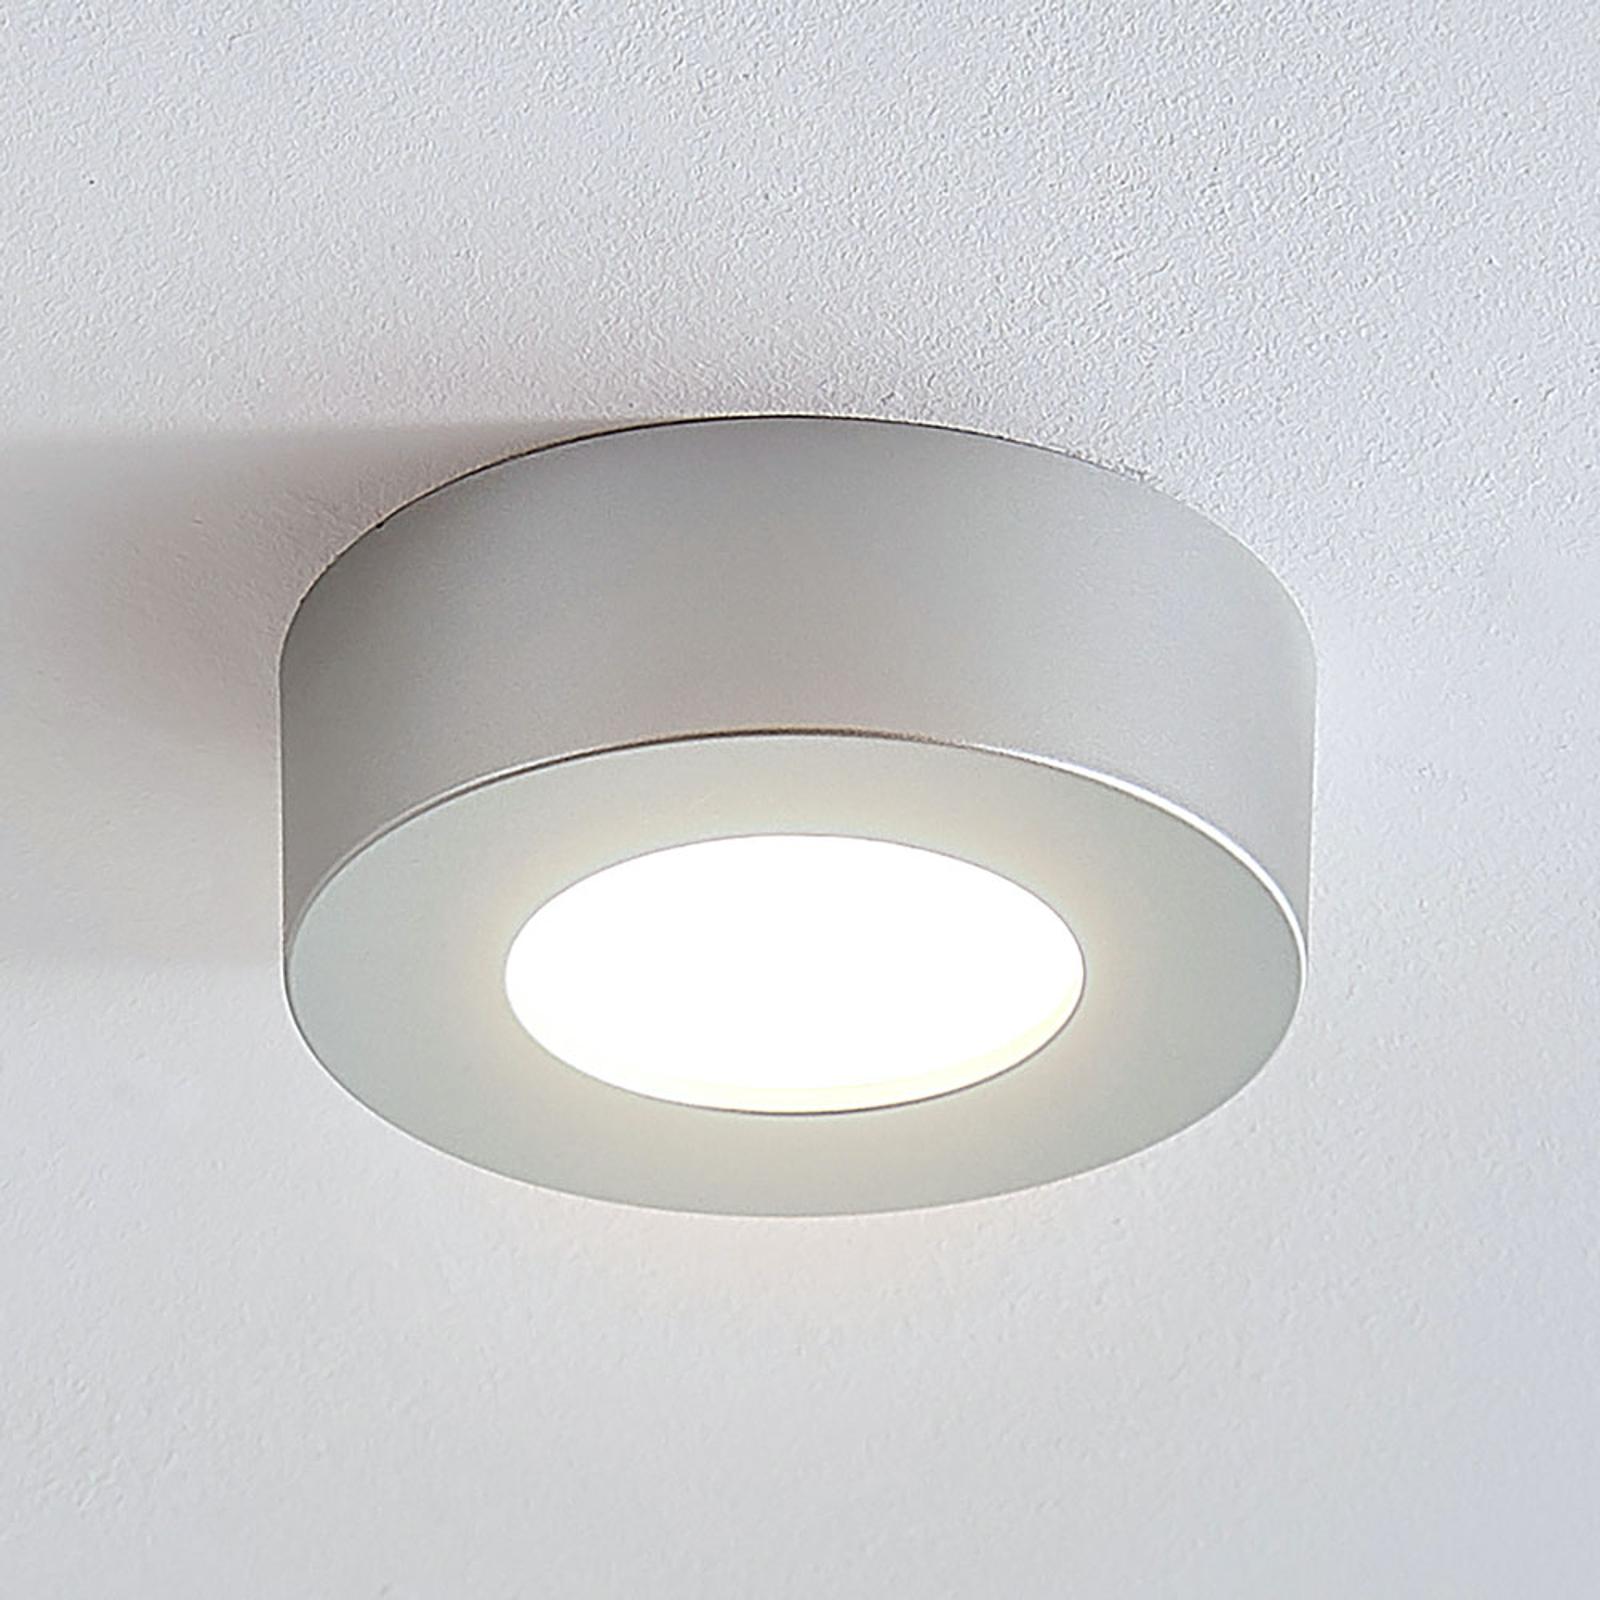 Lampa LED Marlo srebrna 3000K okrągła 12,8cm